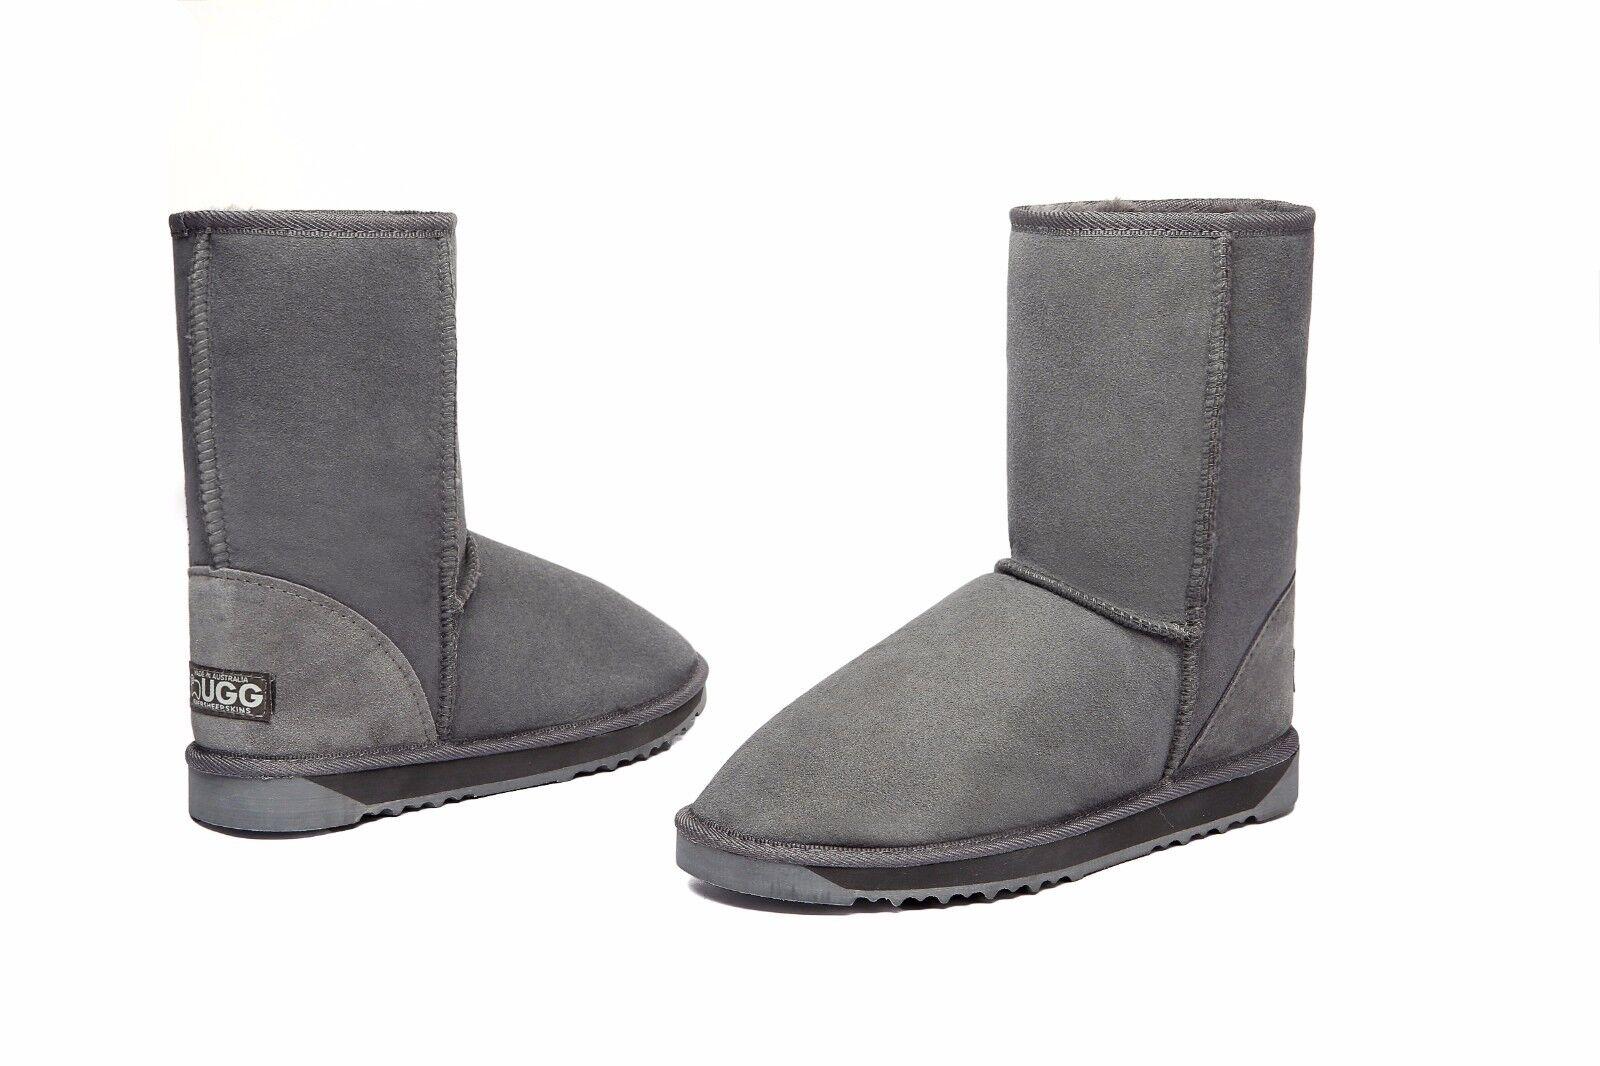 7a06c62ebbc 100% 100% australiska Made 3 Sheepskin Classic/4 UGG Boots Grå, Kort ...